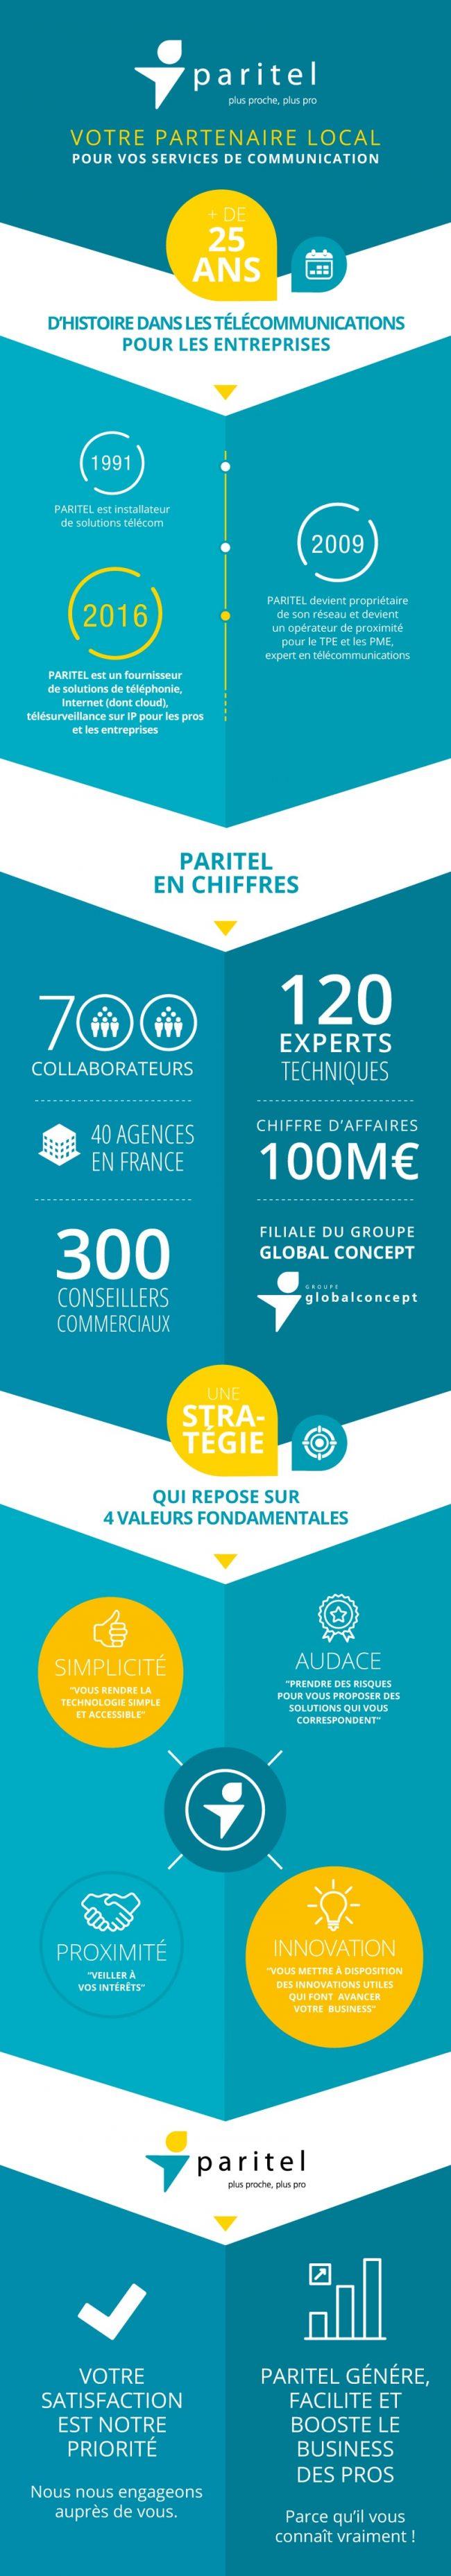 web-paritel-infographie-800x4571-min